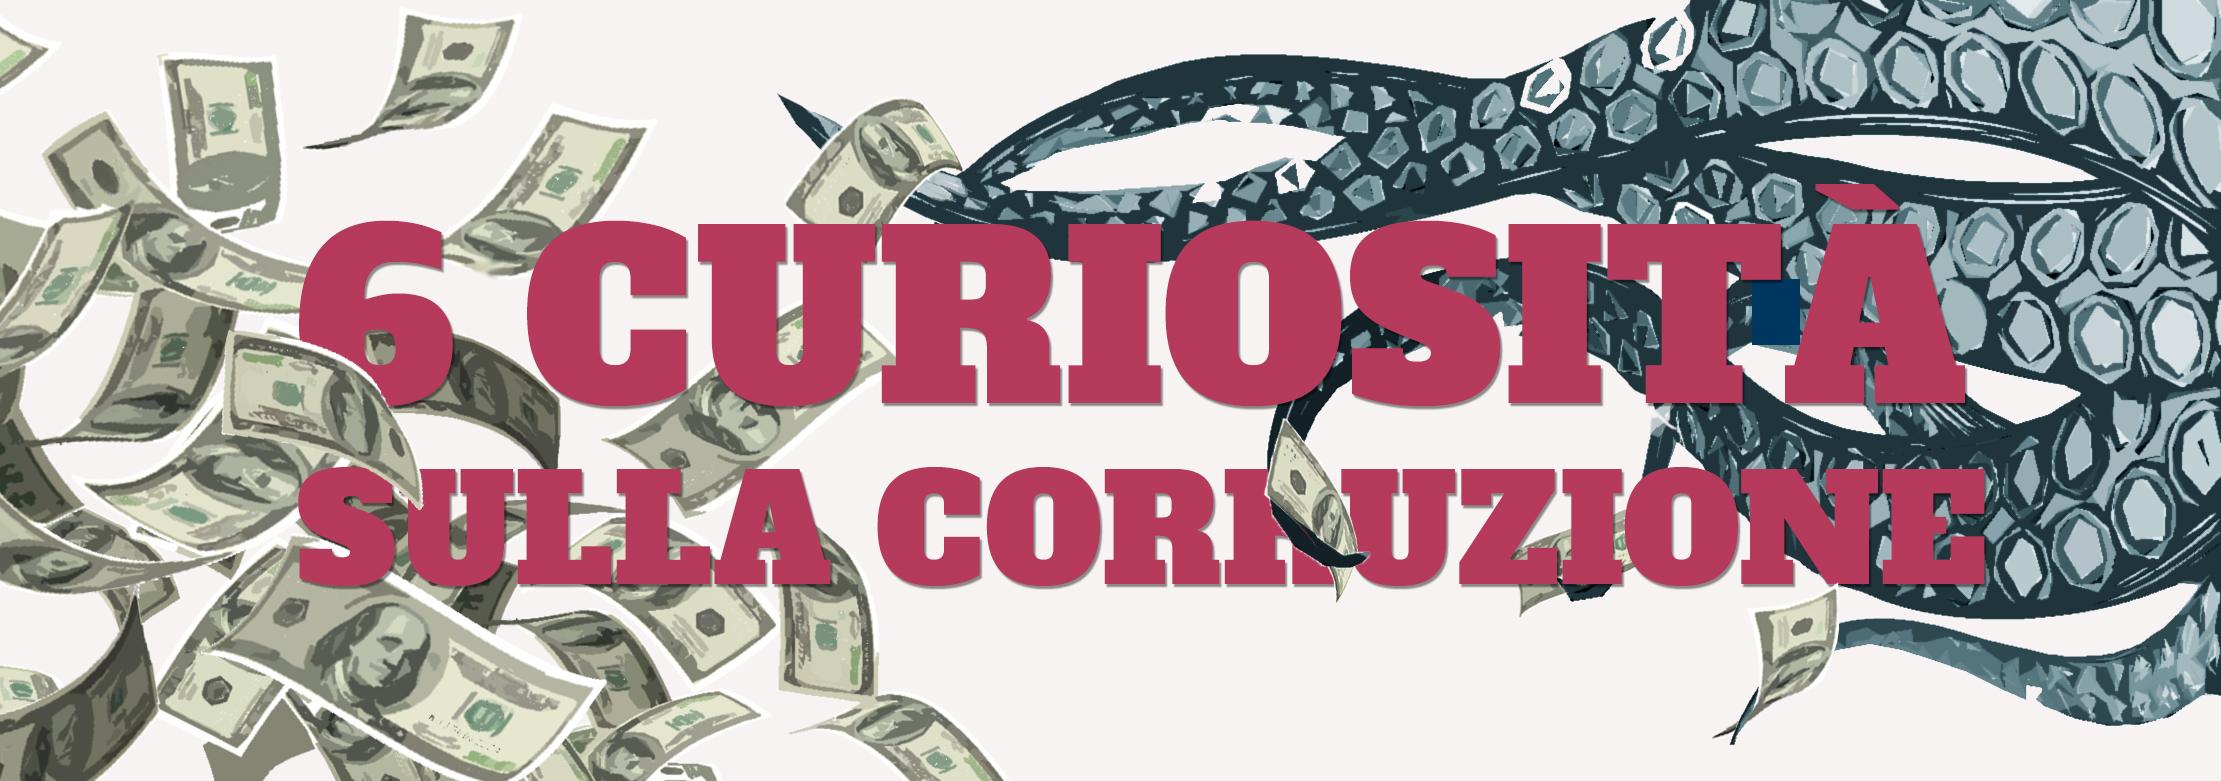 corruzione grandi opere